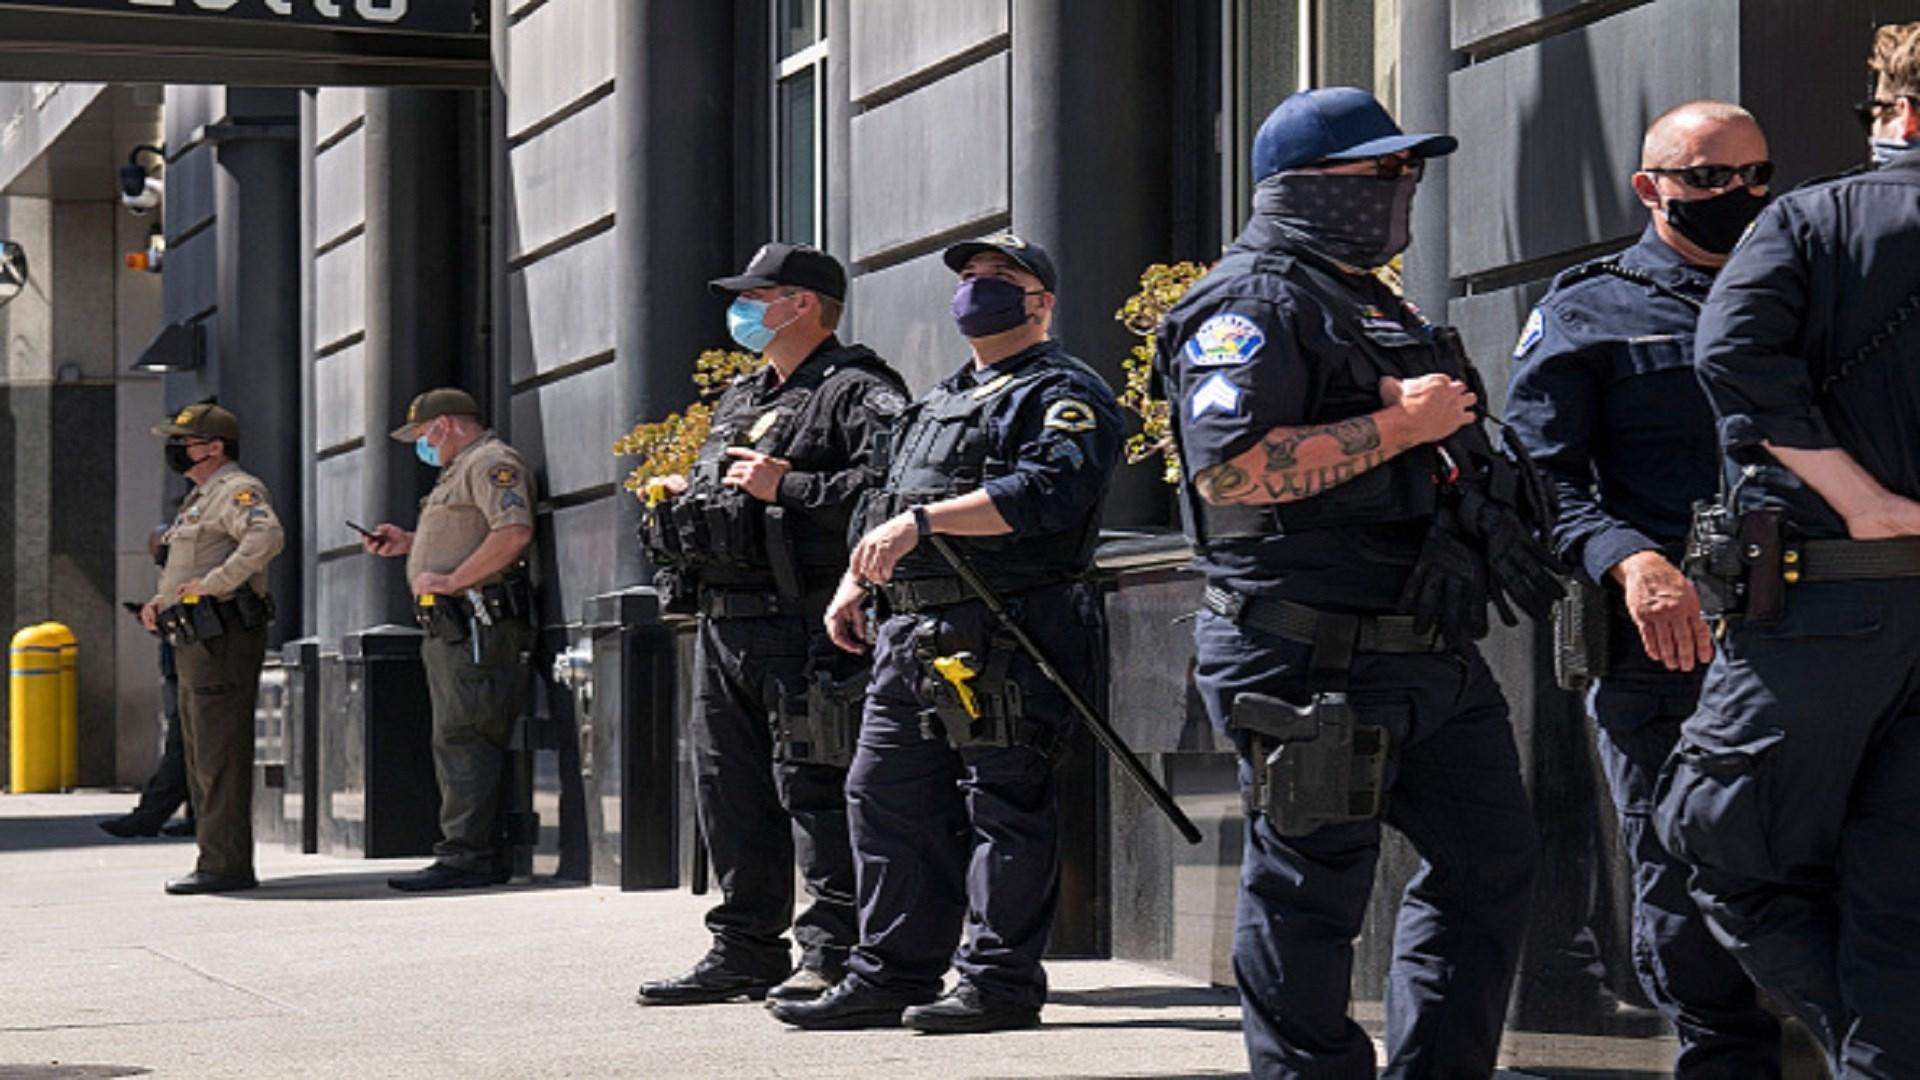 توجه ضباط الشرطة إلى كنيسة غريس المعمدانية في مدينة سان خوسيه في كاليفورنيا عند تلقيهم بلاغاً حول عملية طعن